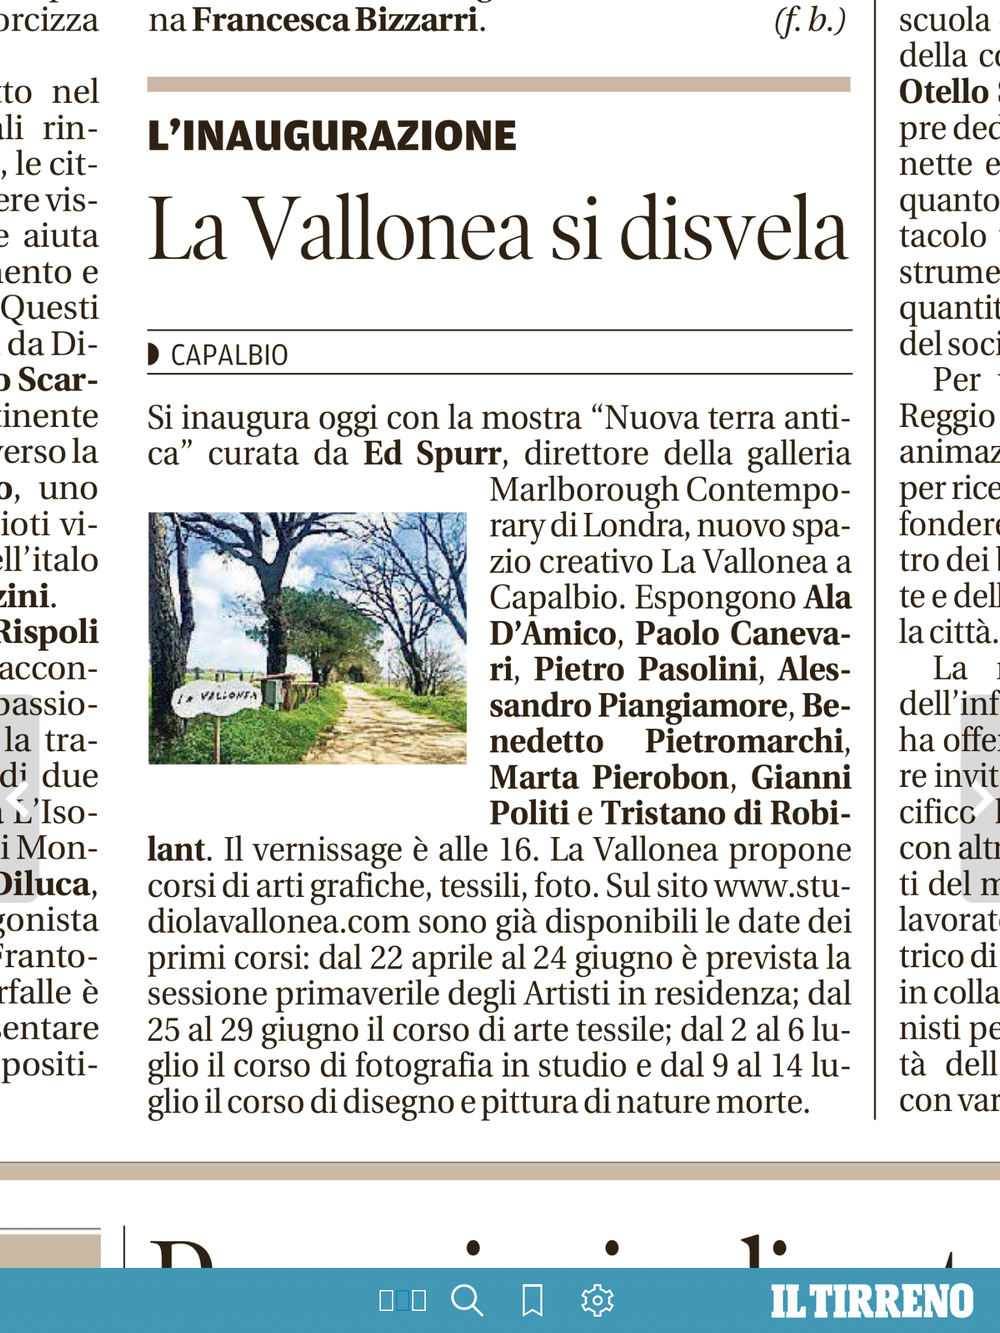 Il Tirreno | 31 marzo, 2018